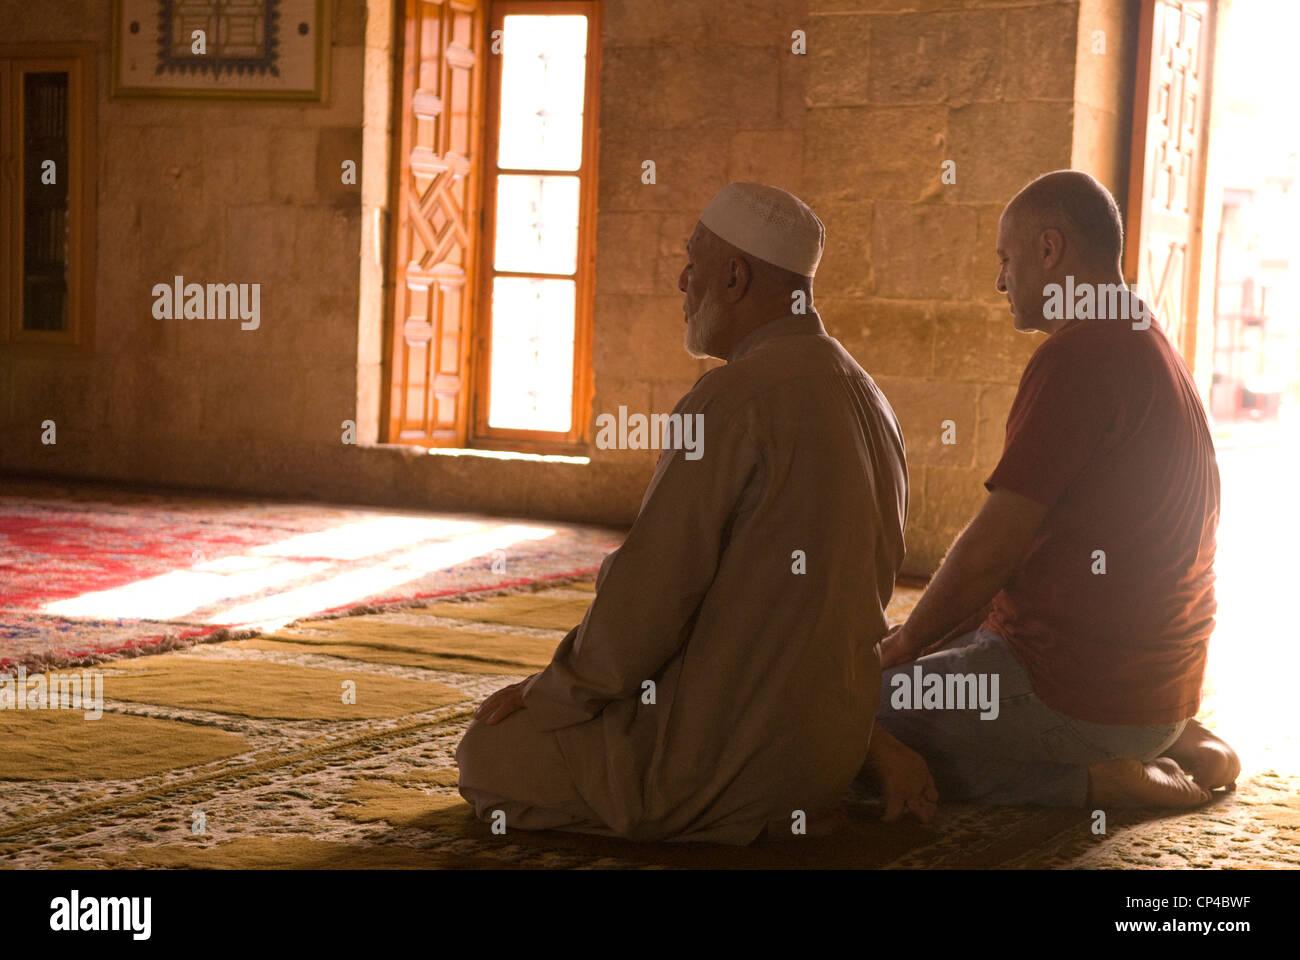 Muslime beim Gebet in Fakreddines-Moschee in der osmanischen Ära Stadt Deir al-Qamar, Chouf Berge, Libanon. Stockbild